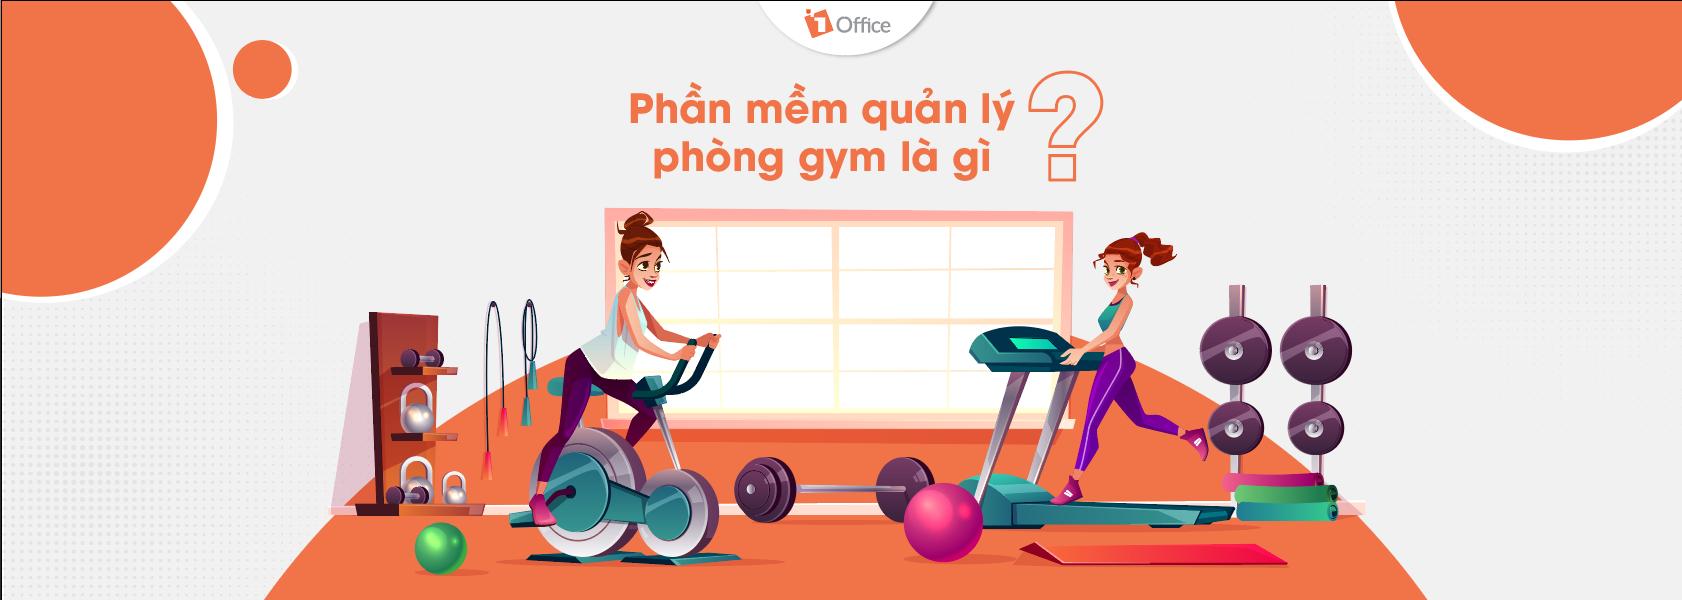 Kinh nghiệm quản lý phòng Gym hiệu quả